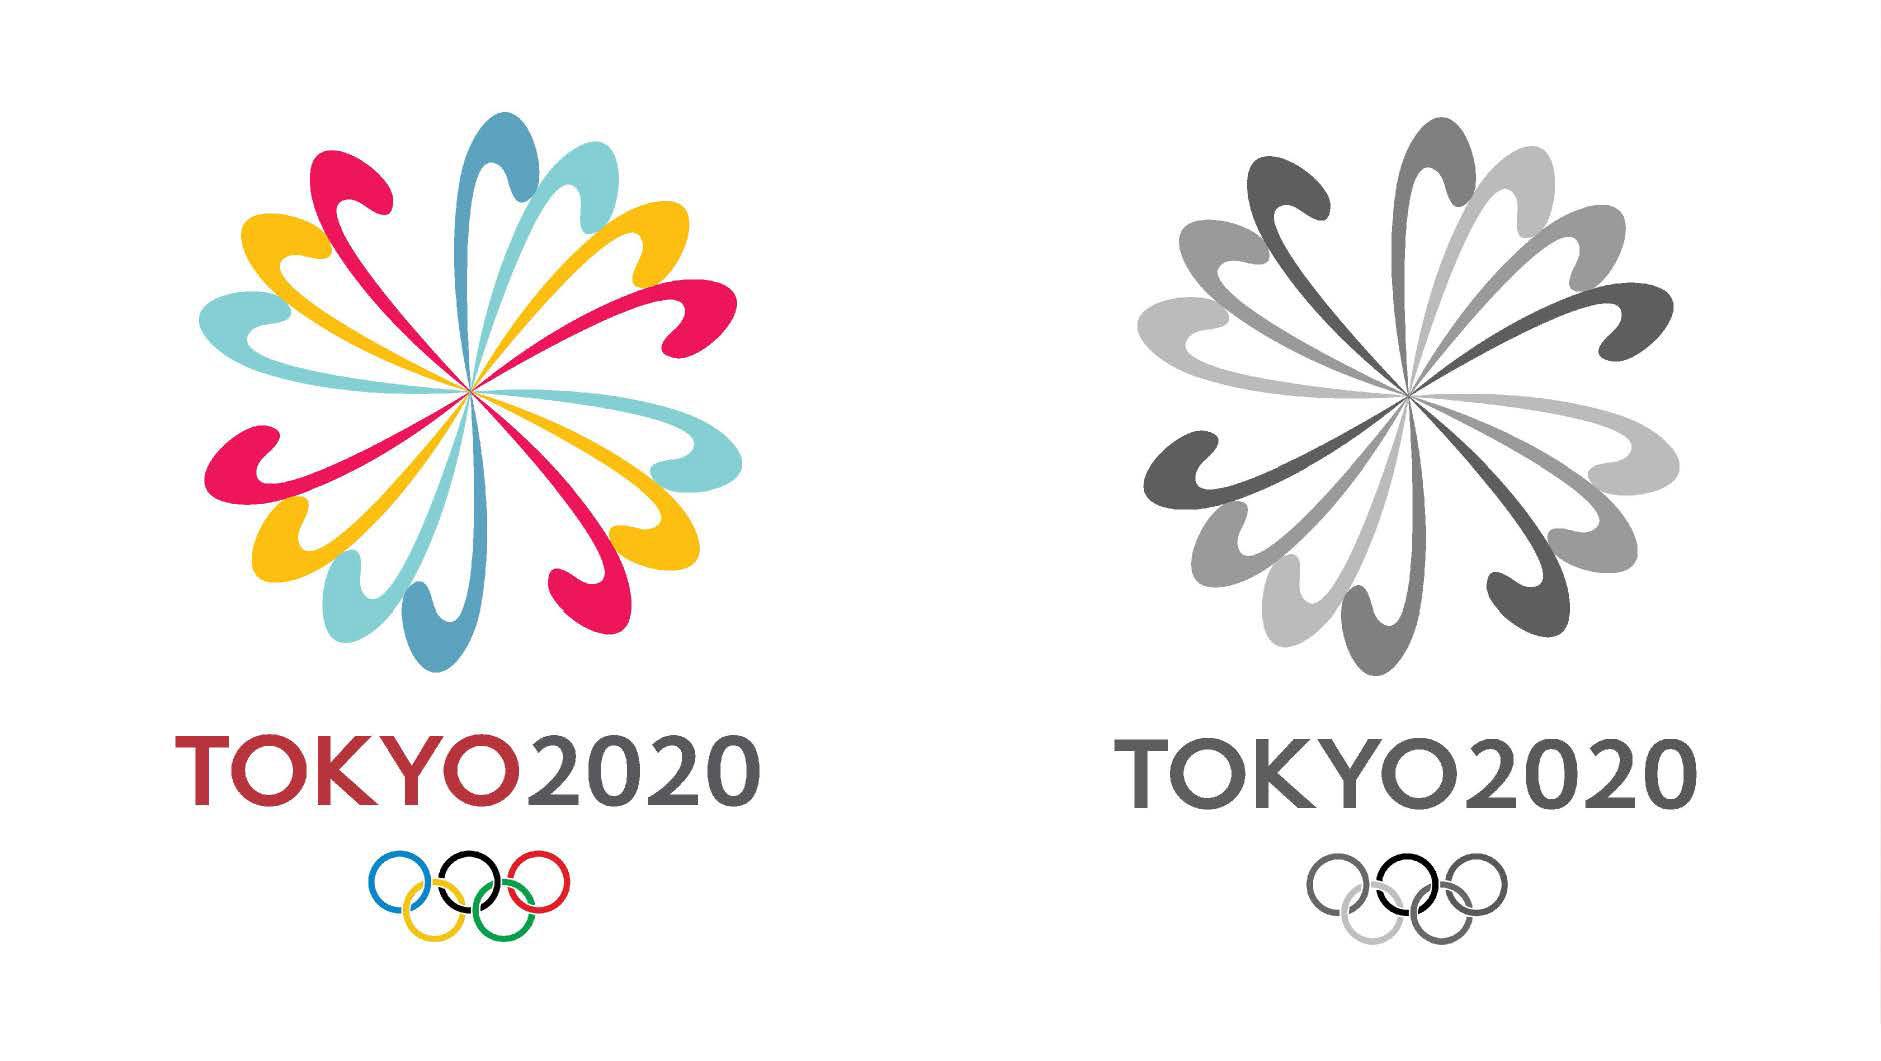 Tawni Miyashita Tokyo 2020 Olympics